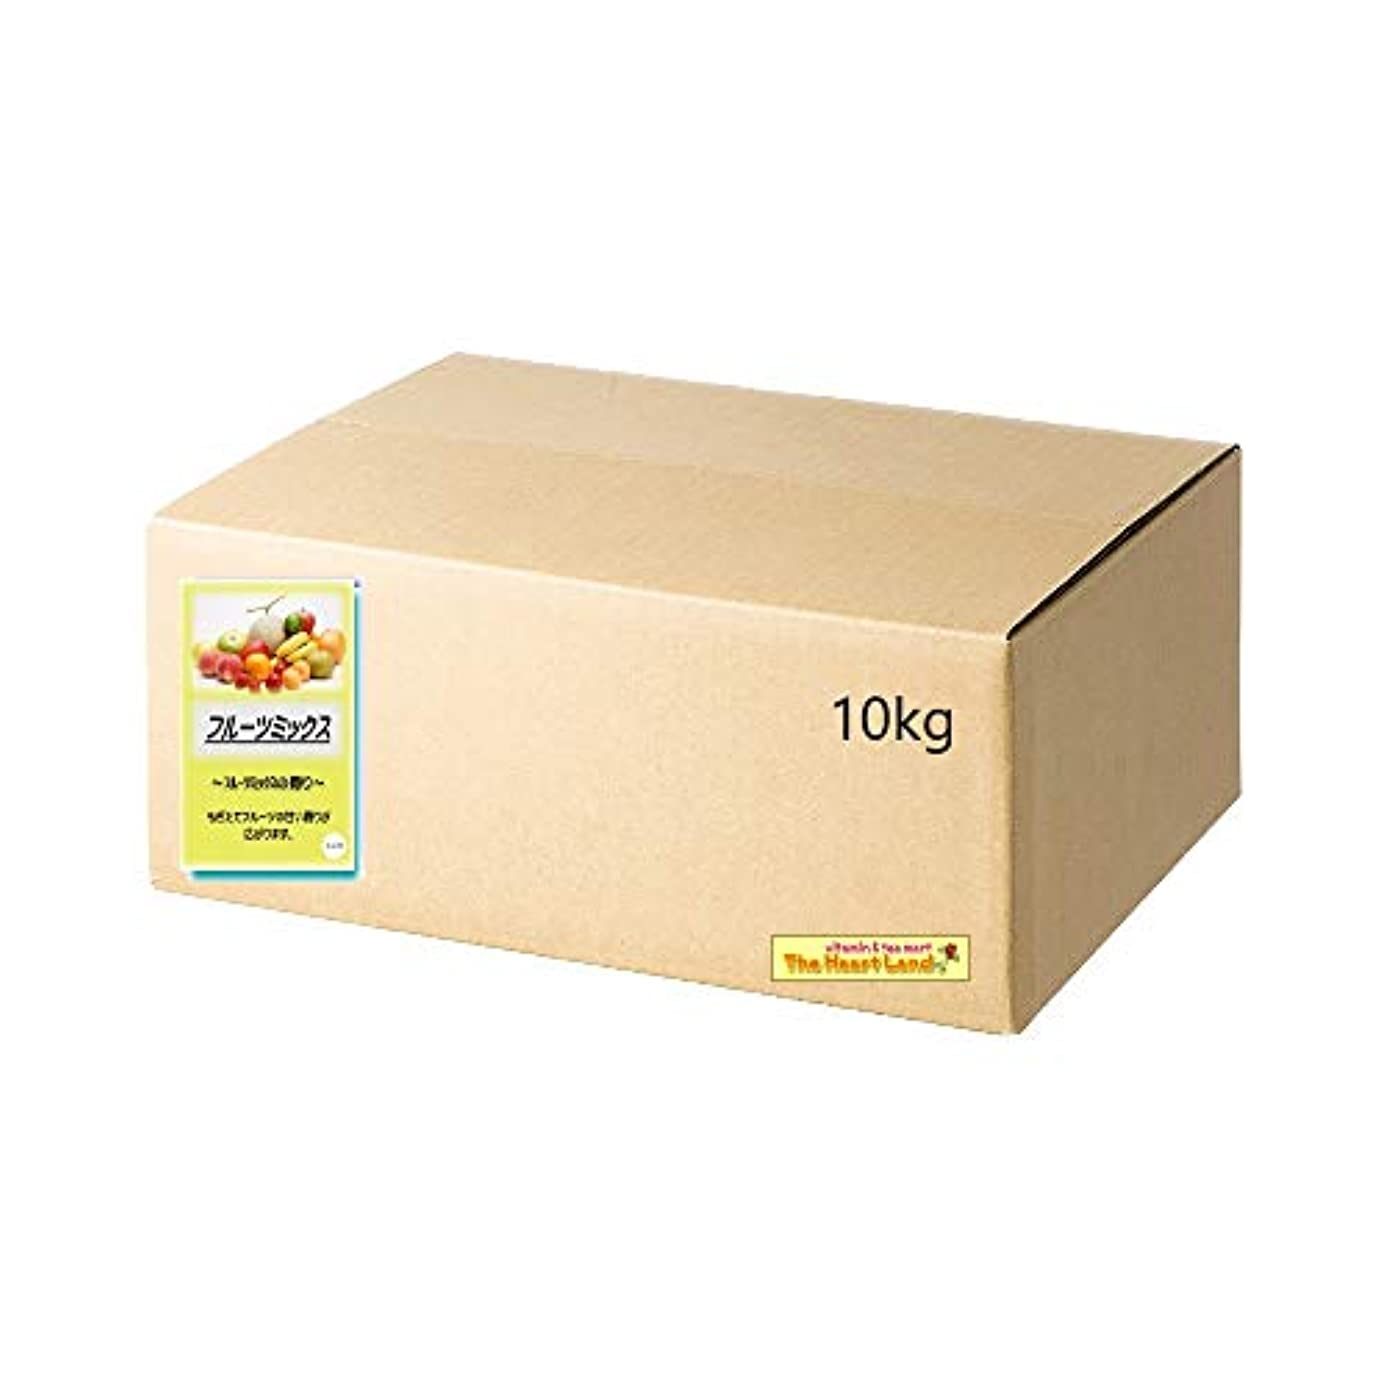 値するニュージーランド甘くするアサヒ入浴剤 浴用入浴化粧品 フルーツミックス 10kg